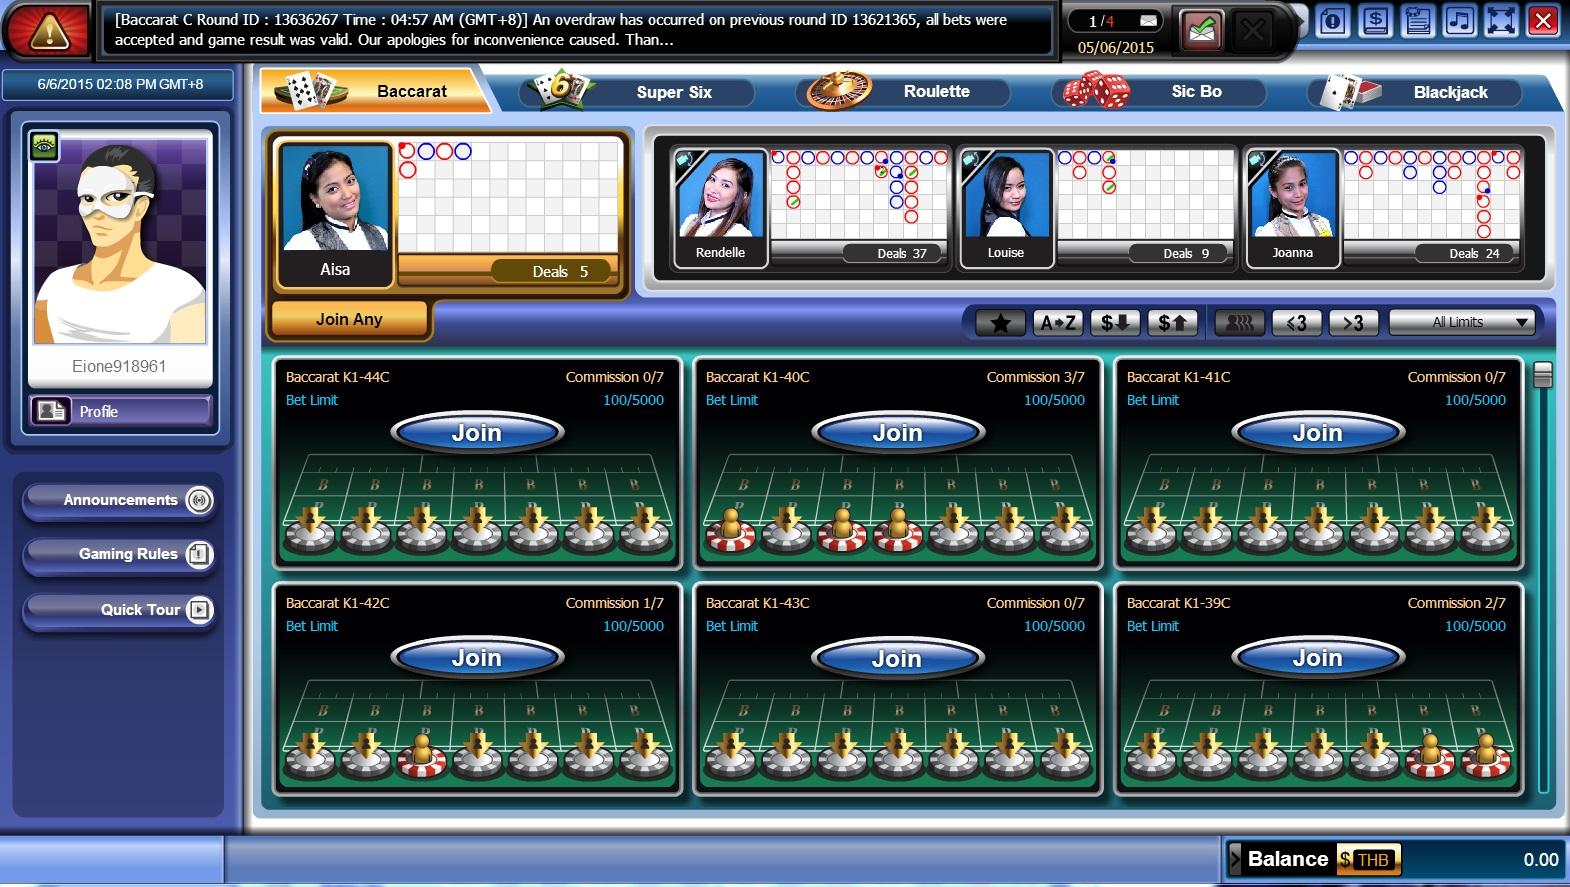 Sbobet Online Football Betting Register Today Bonus Free 100